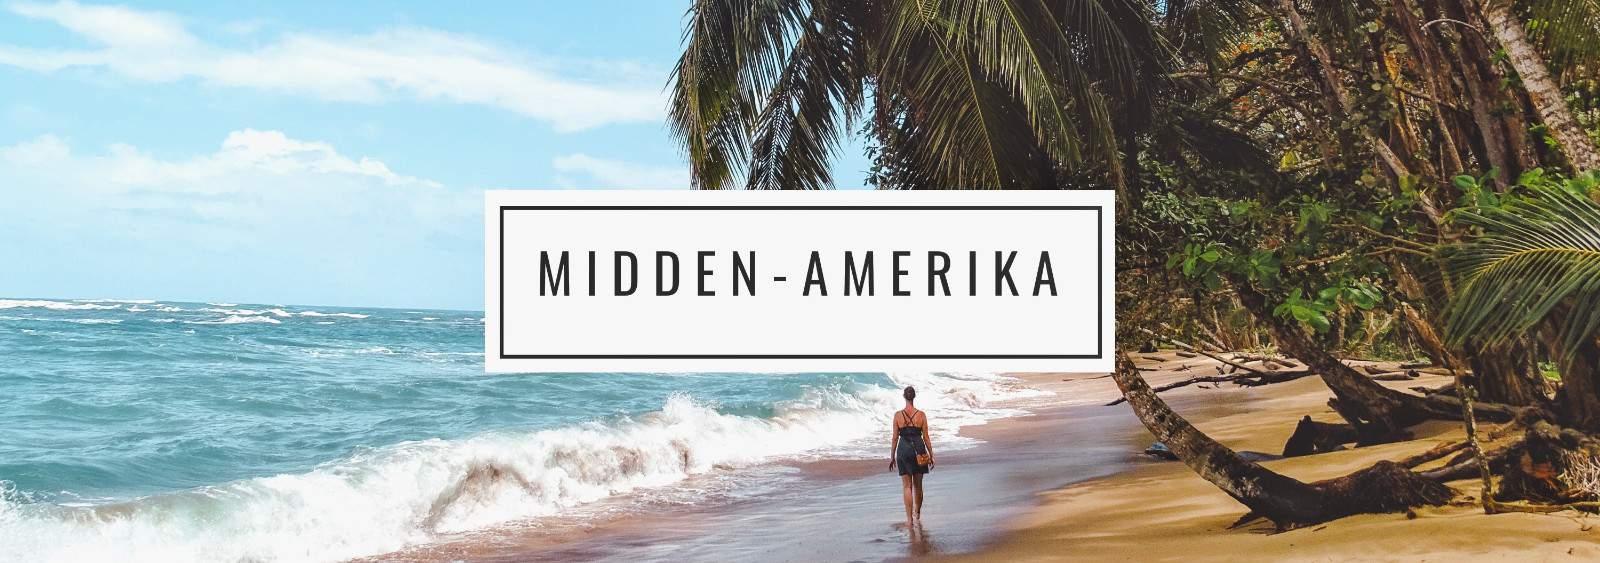 midden amerika